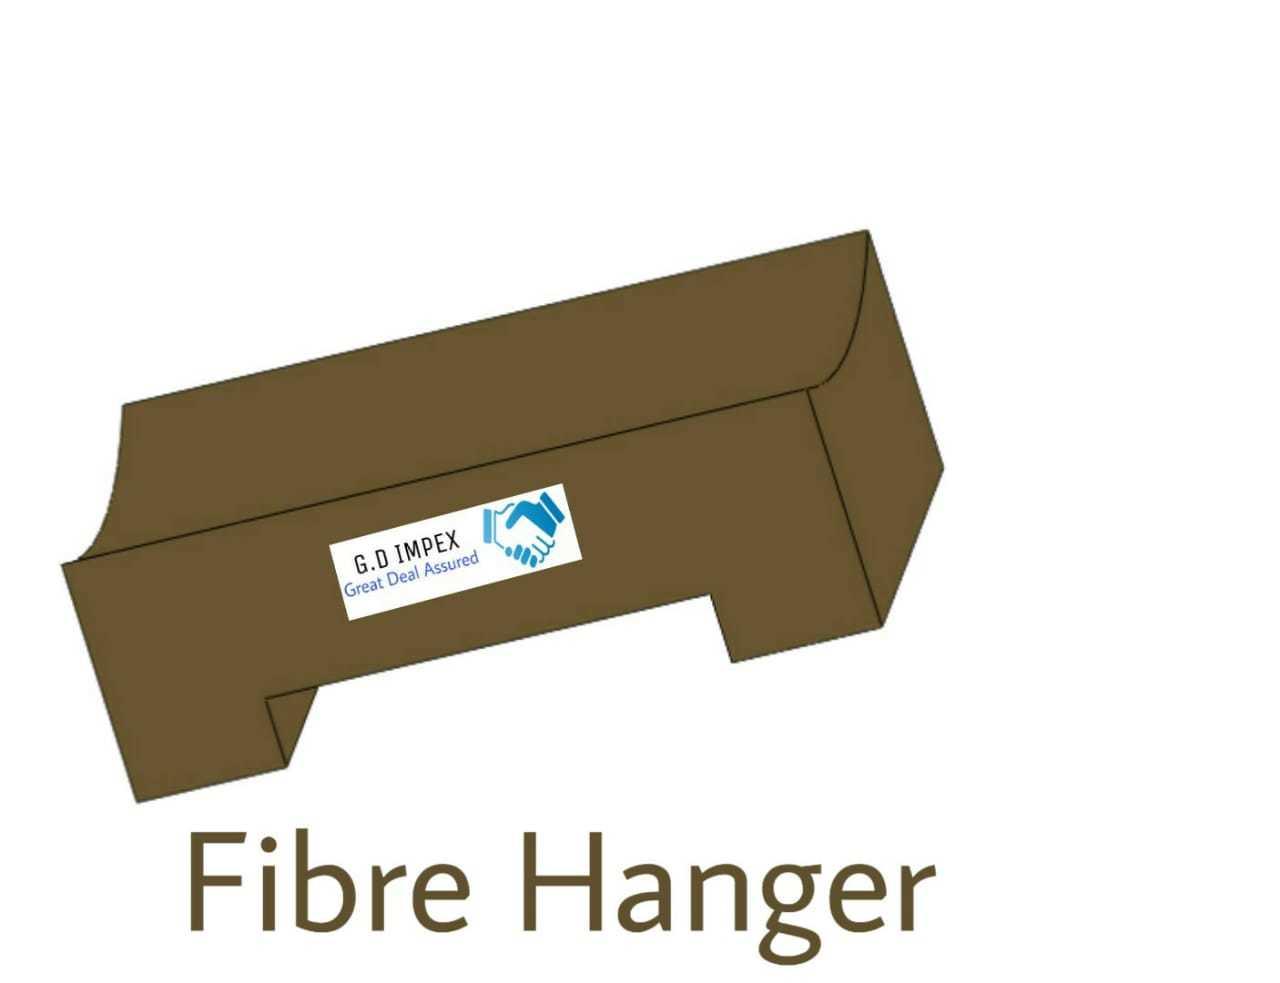 Fibre Hanger